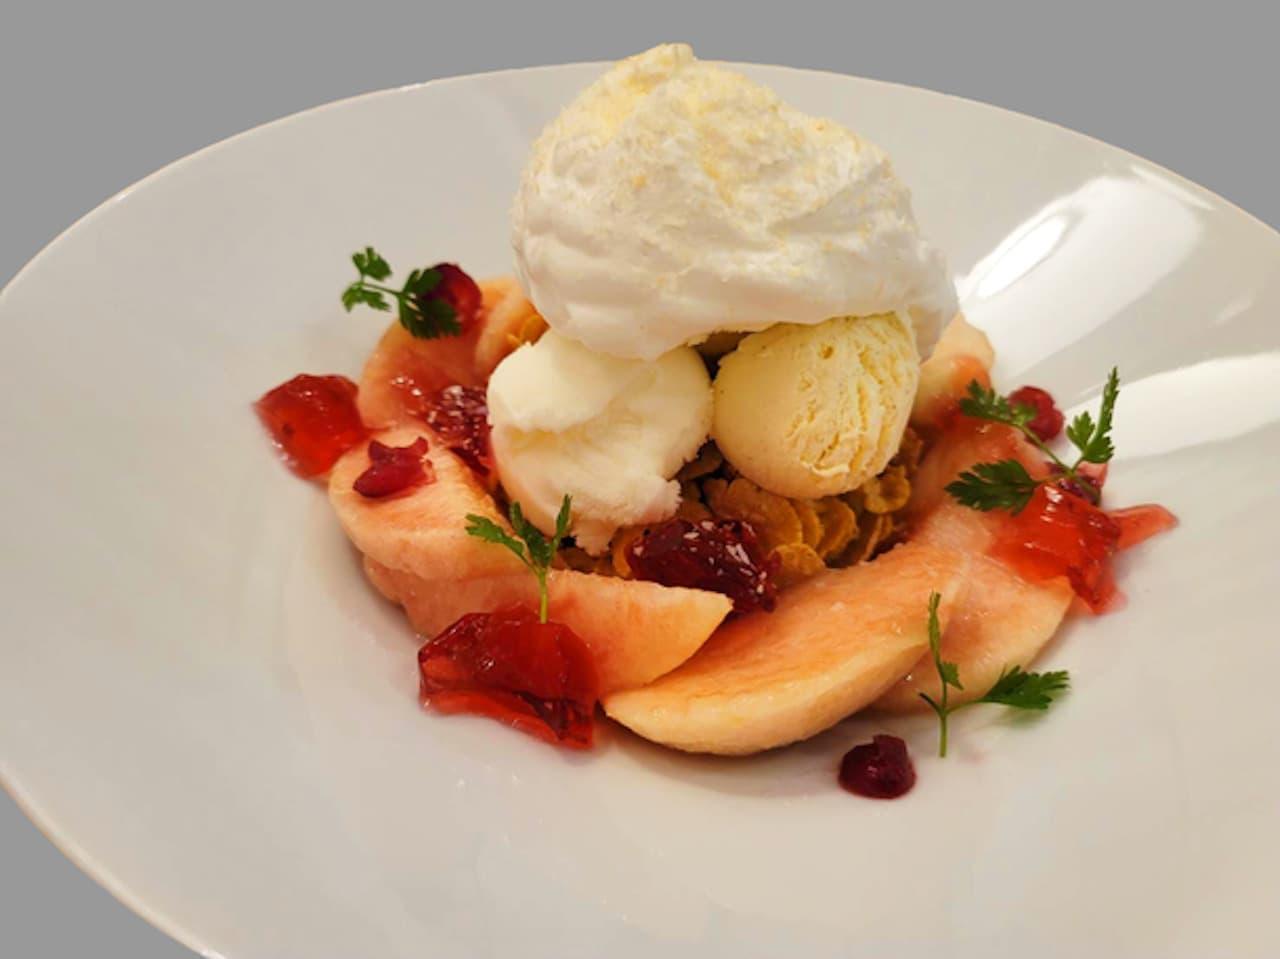 「国産白桃とローズヒップジュレのパフェ」幸せのパンケーキから